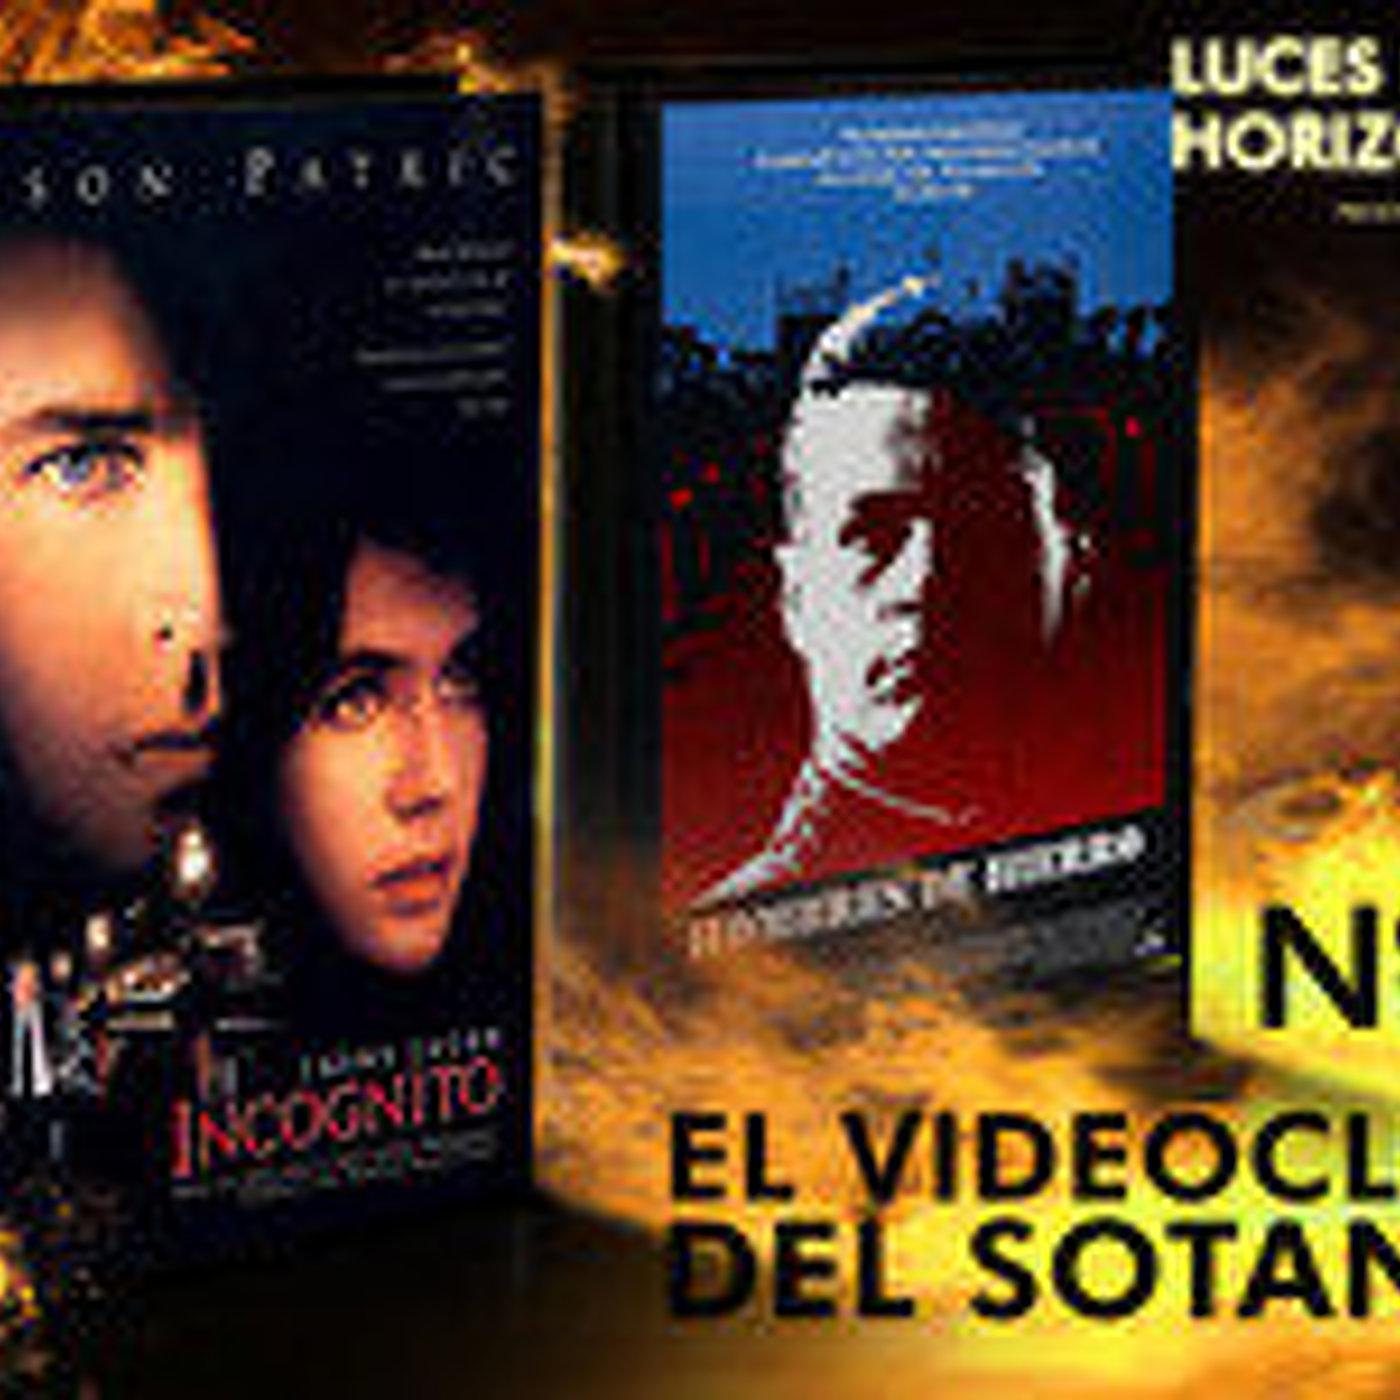 Luces en el Horizonte - Videoclub del Sótano Nº9: Hombres de hierro - Incógnito